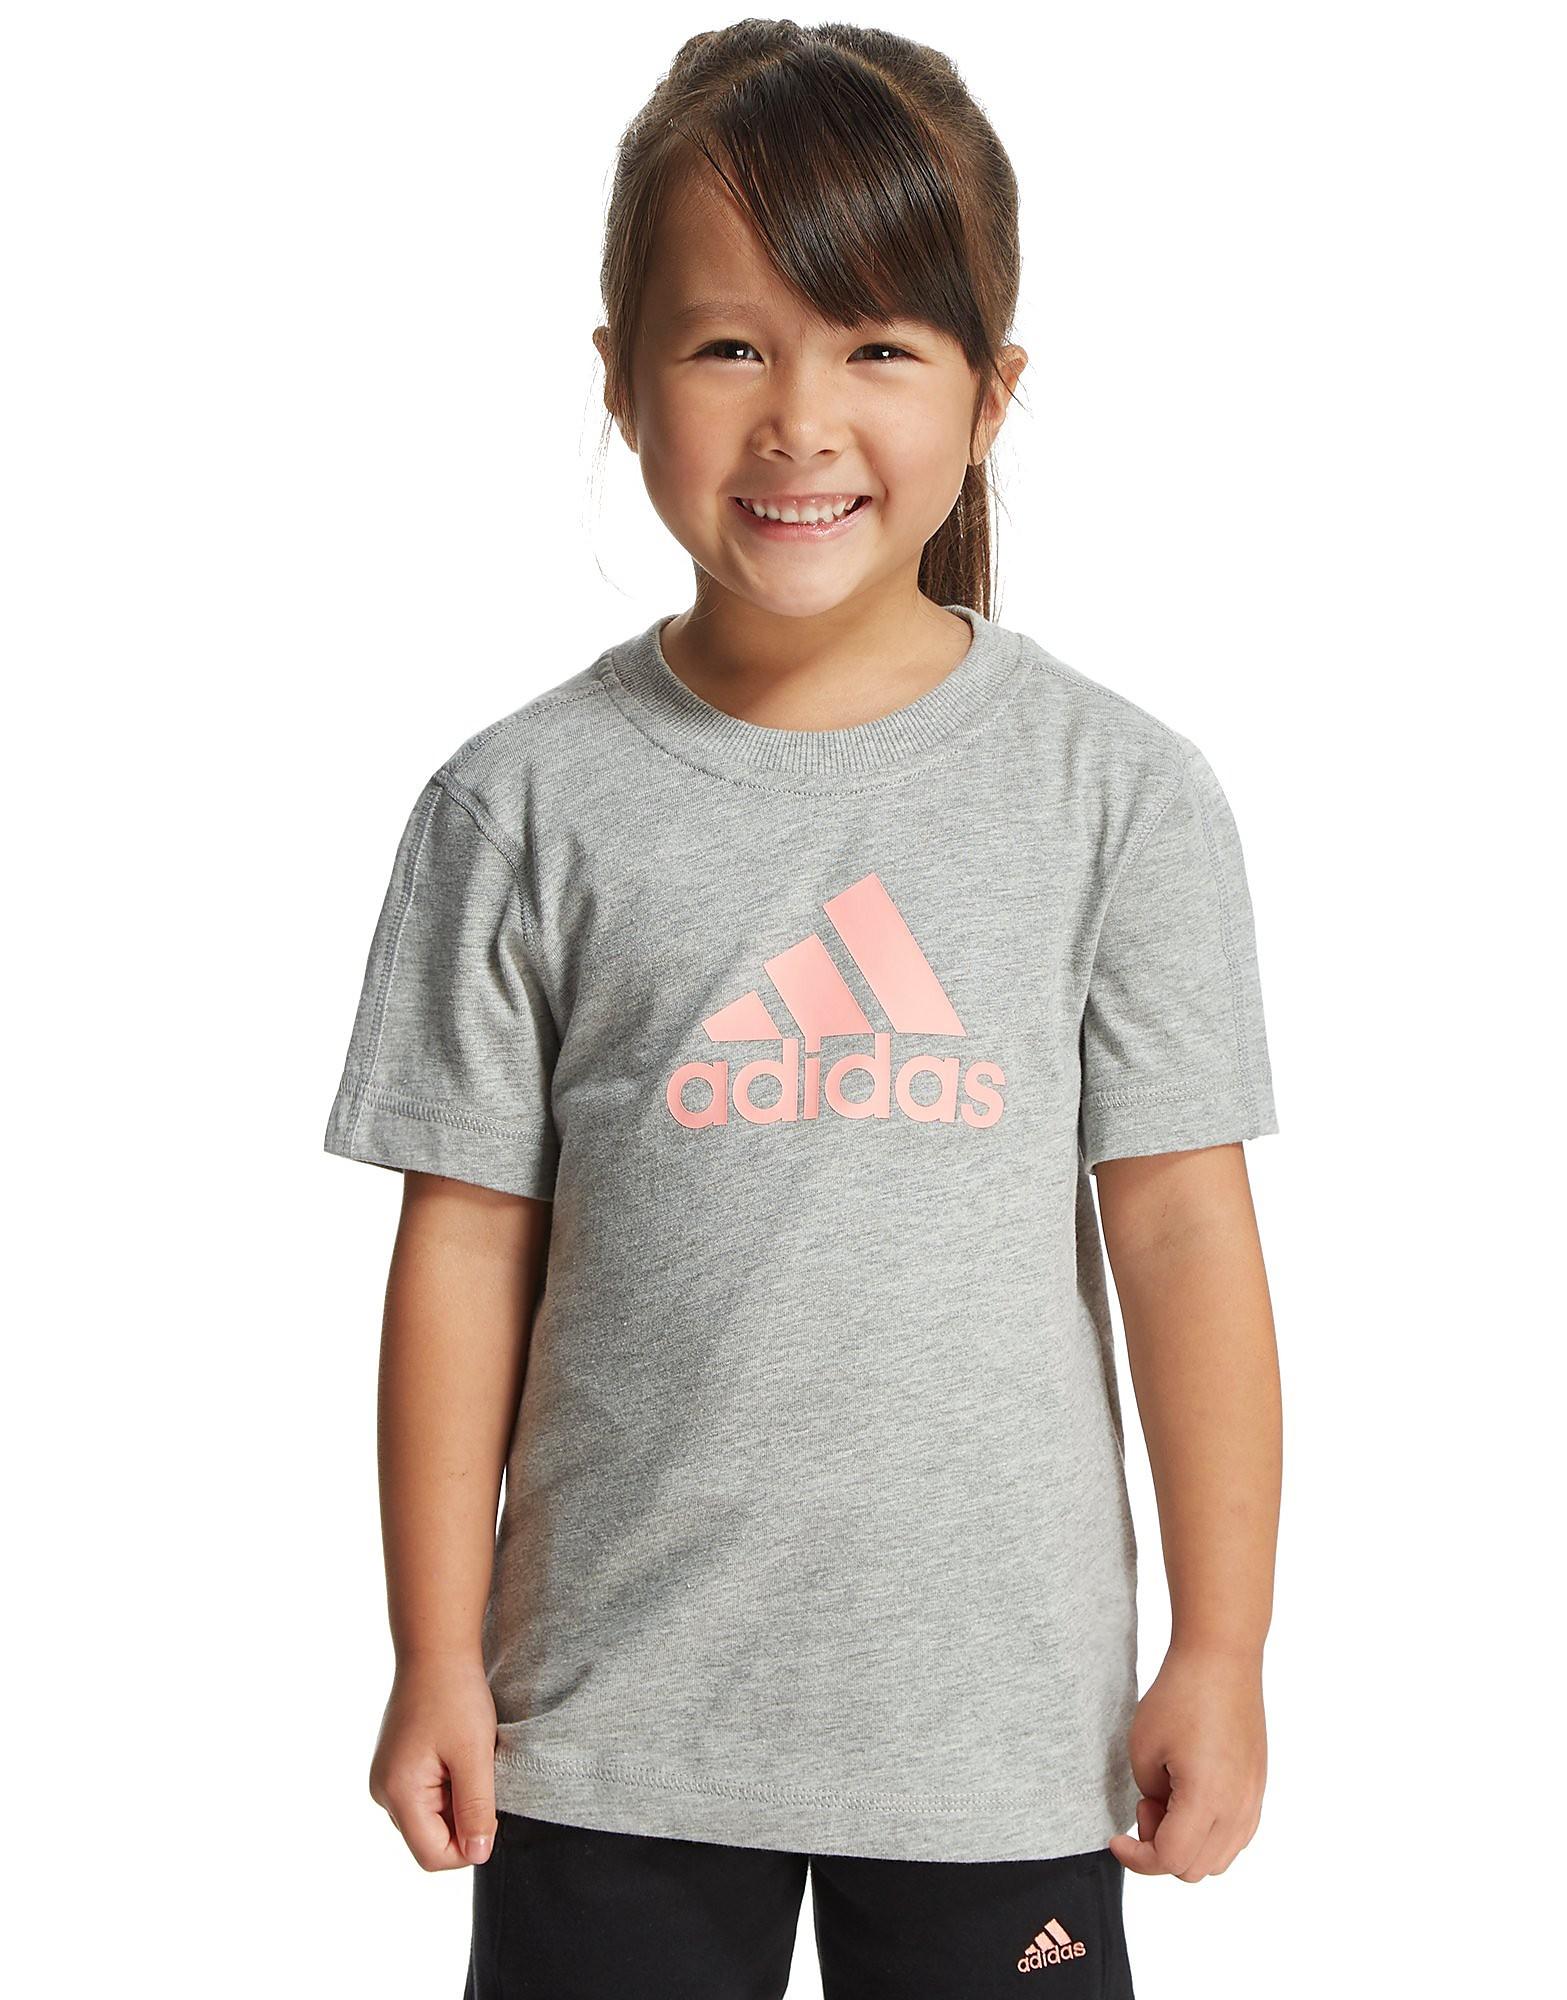 adidas Girls' Essentials Logo T-Shirt Children